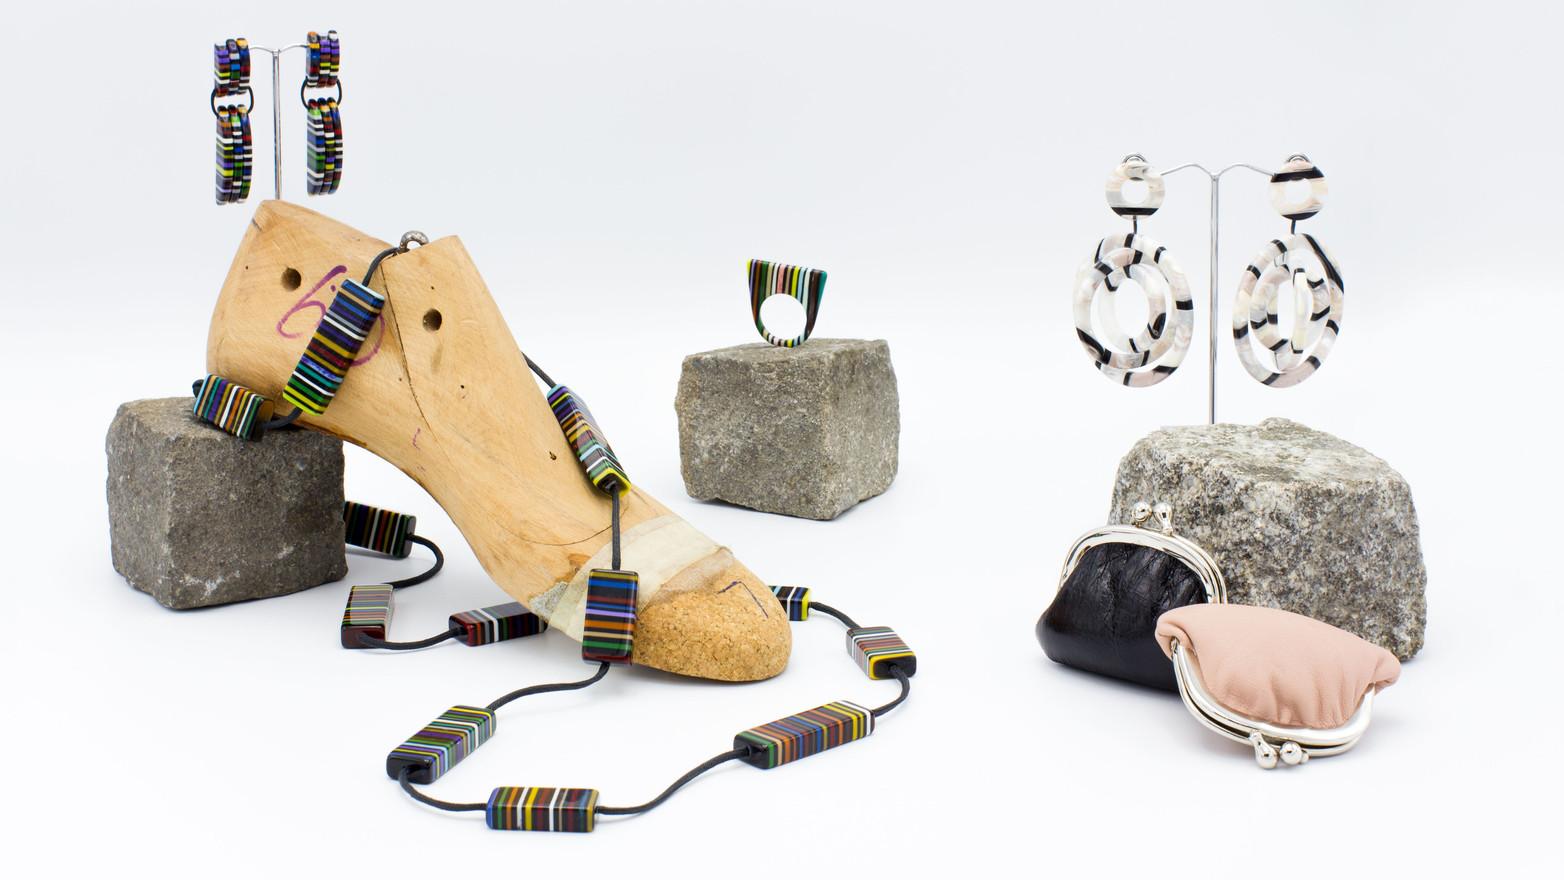 Schmuckstücke aus der Sélection Actuelle mit bunte, Schmuck aus der Herbst Kollektion mit einer Halskette, einem flachen Ring, Ohrringen aus buntem Kunststoff sowie ledernen Münzportemonnaies